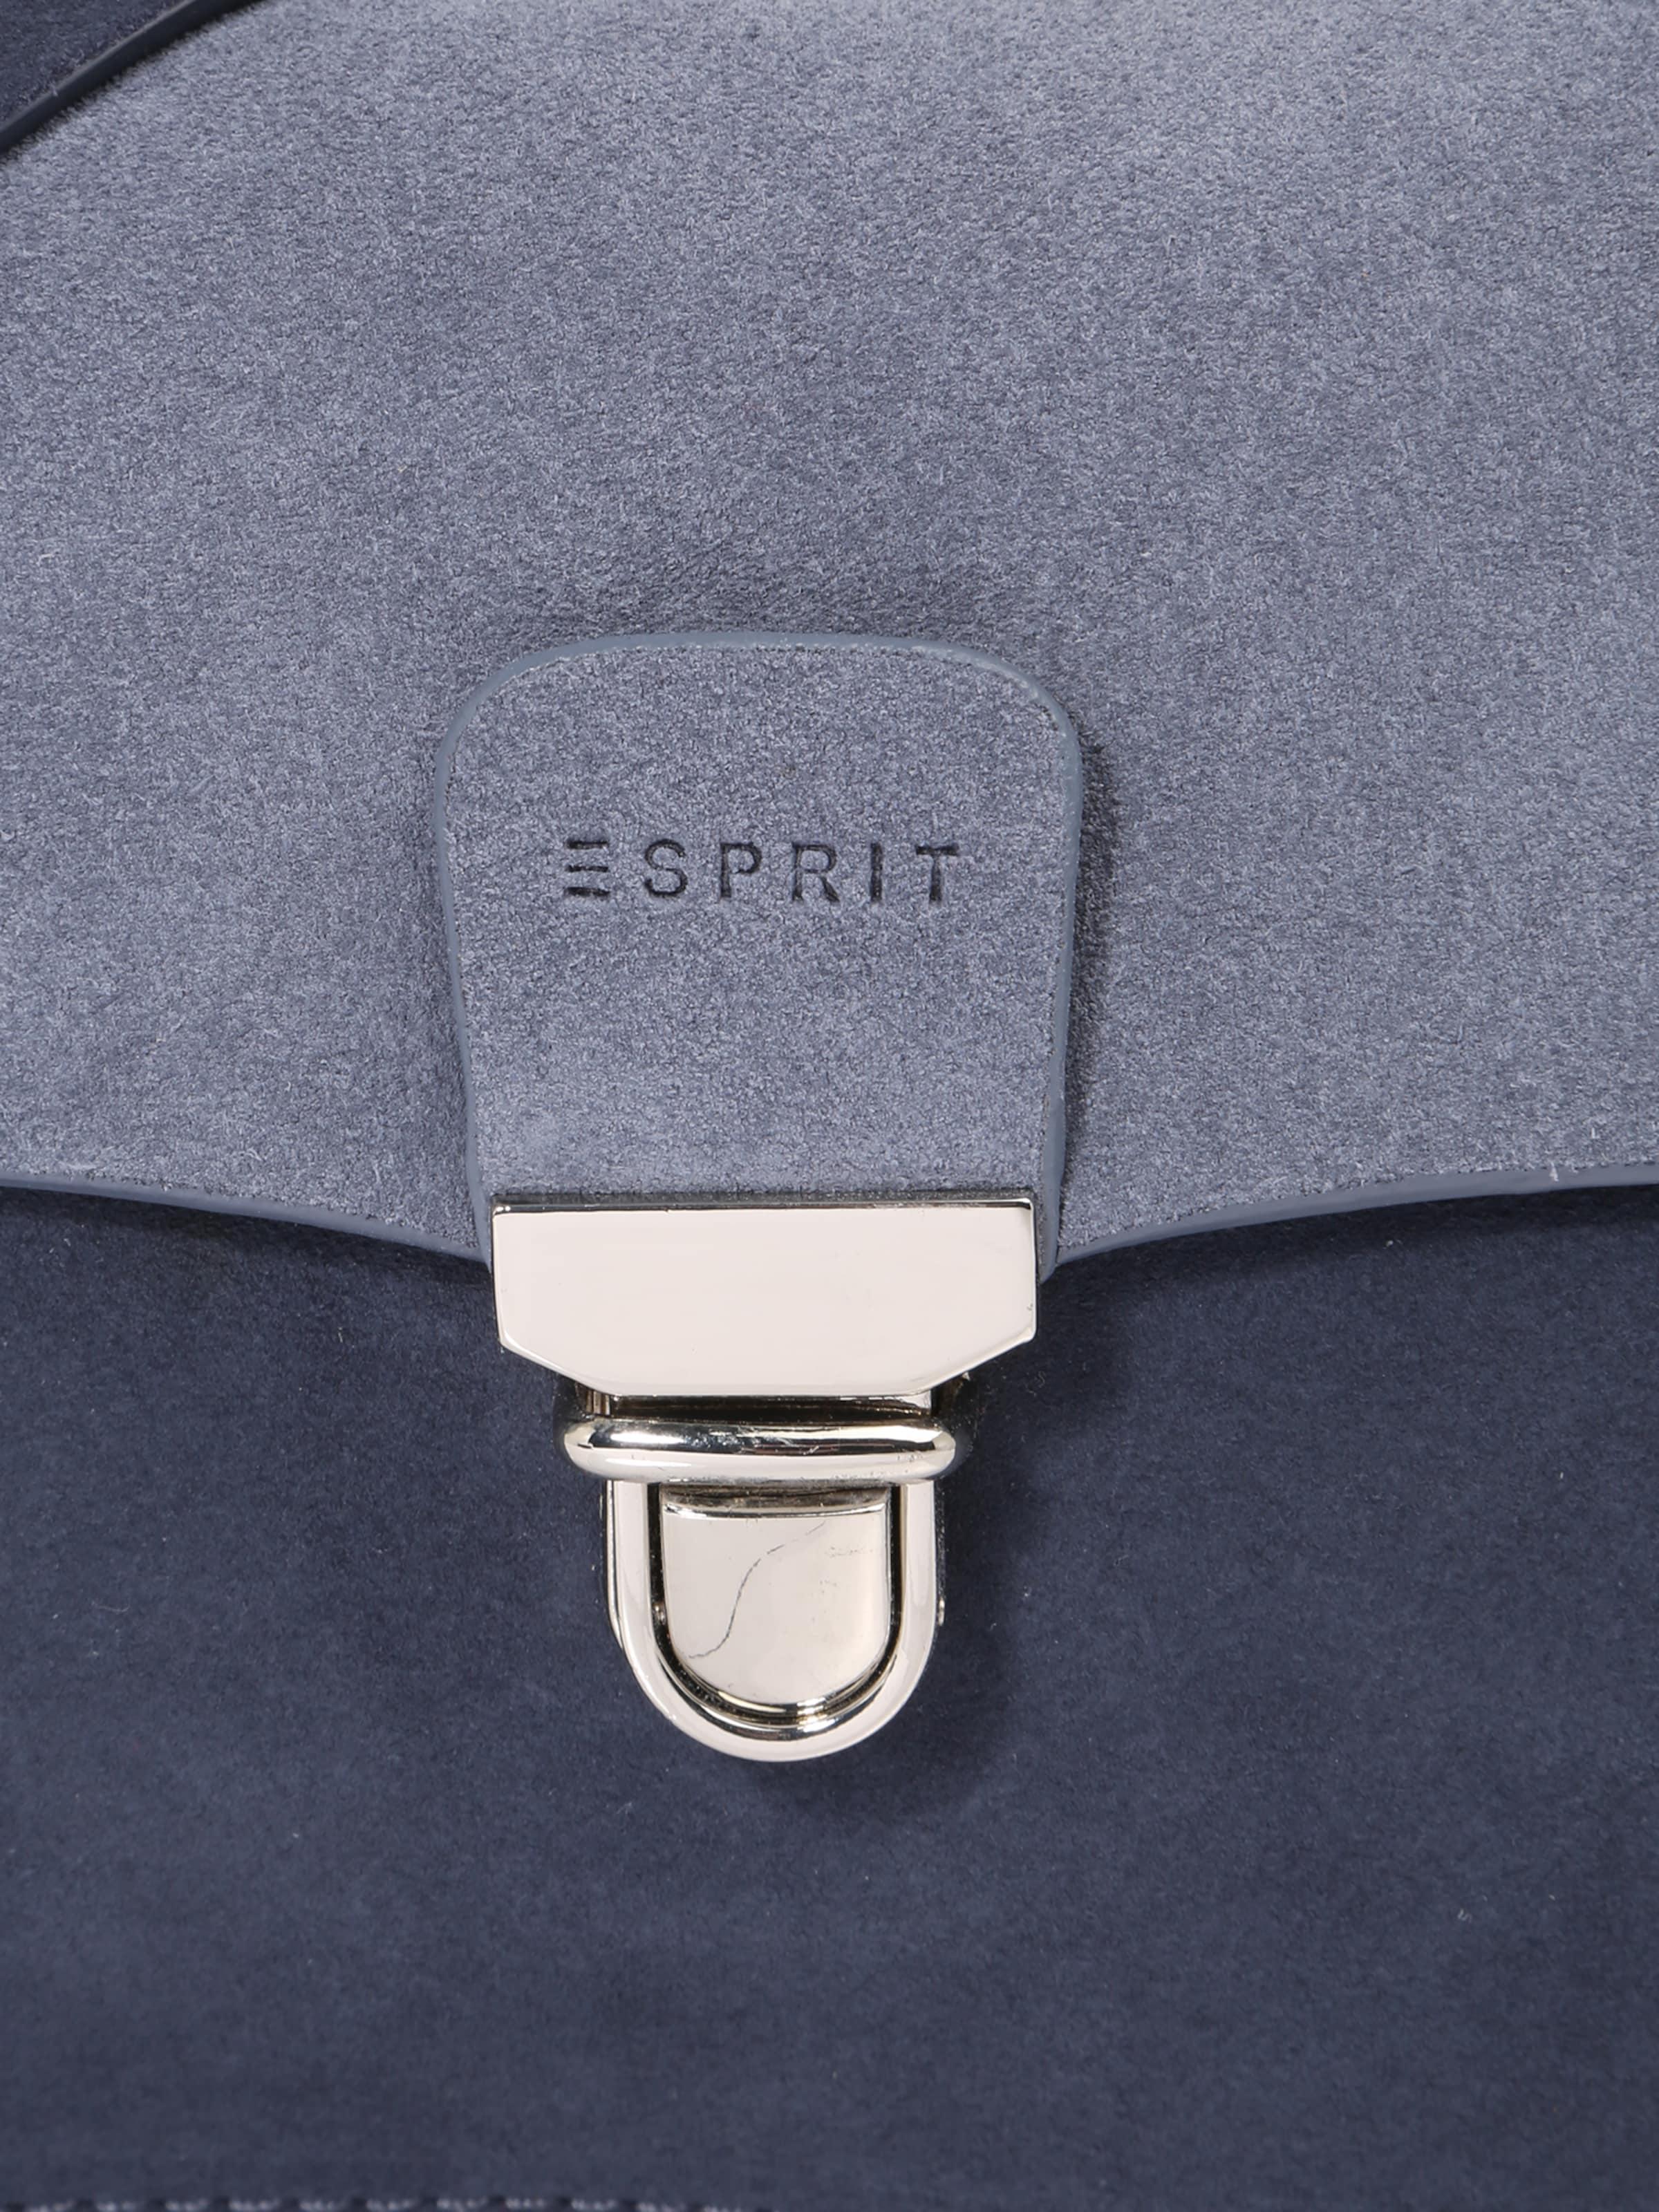 Verkauf Truhe Finish ESPRIT Umhängetasche 'Bea small' Spielraum Ebay Auslass Finish Strapazierfähiges MpUoSLG